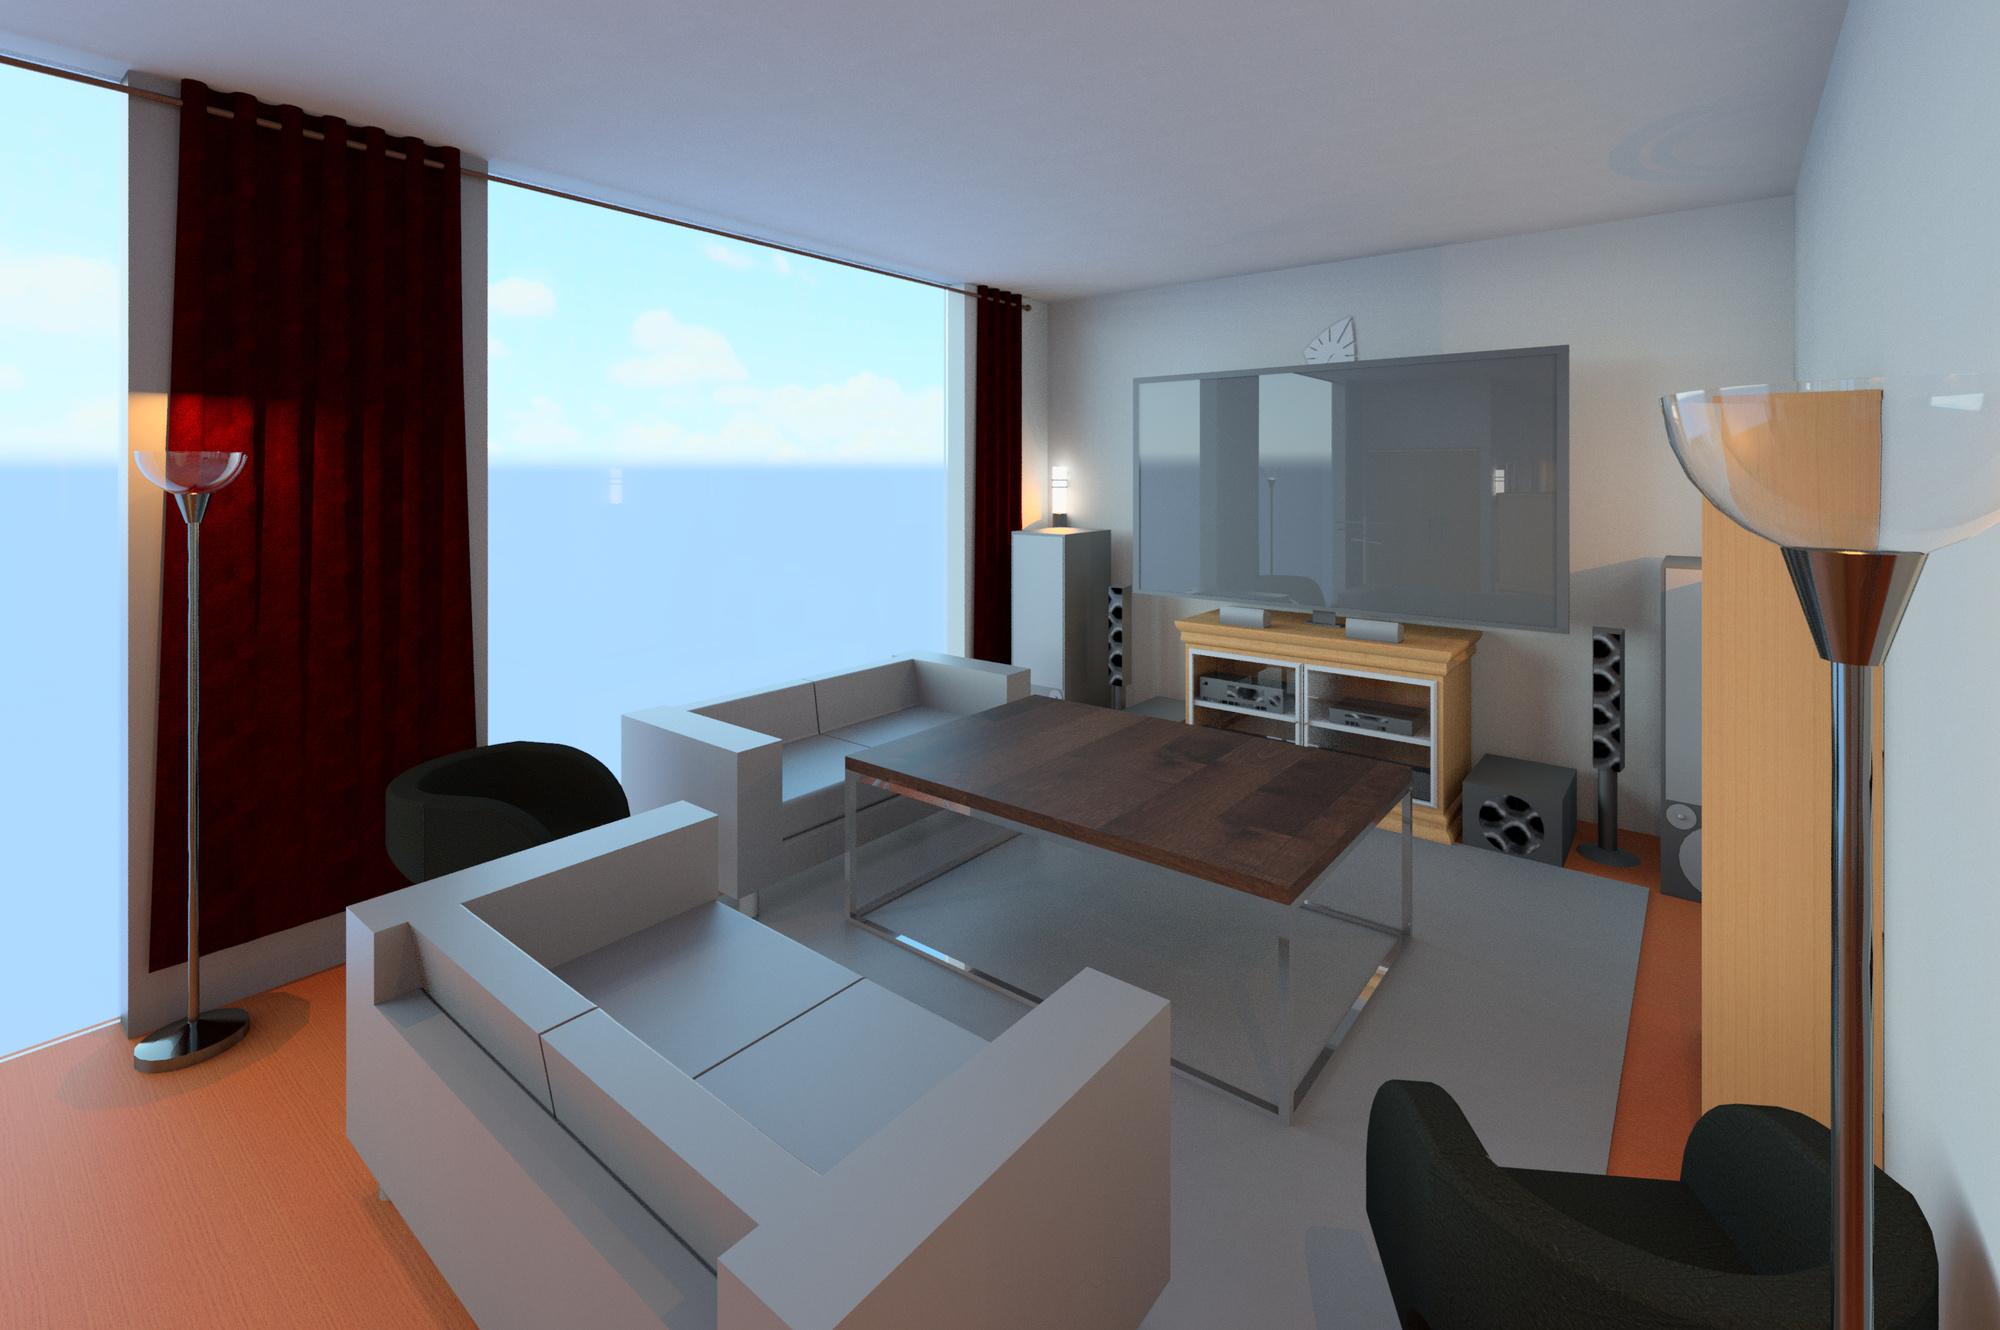 Raas-rendering20150206-8548-dtk4jq